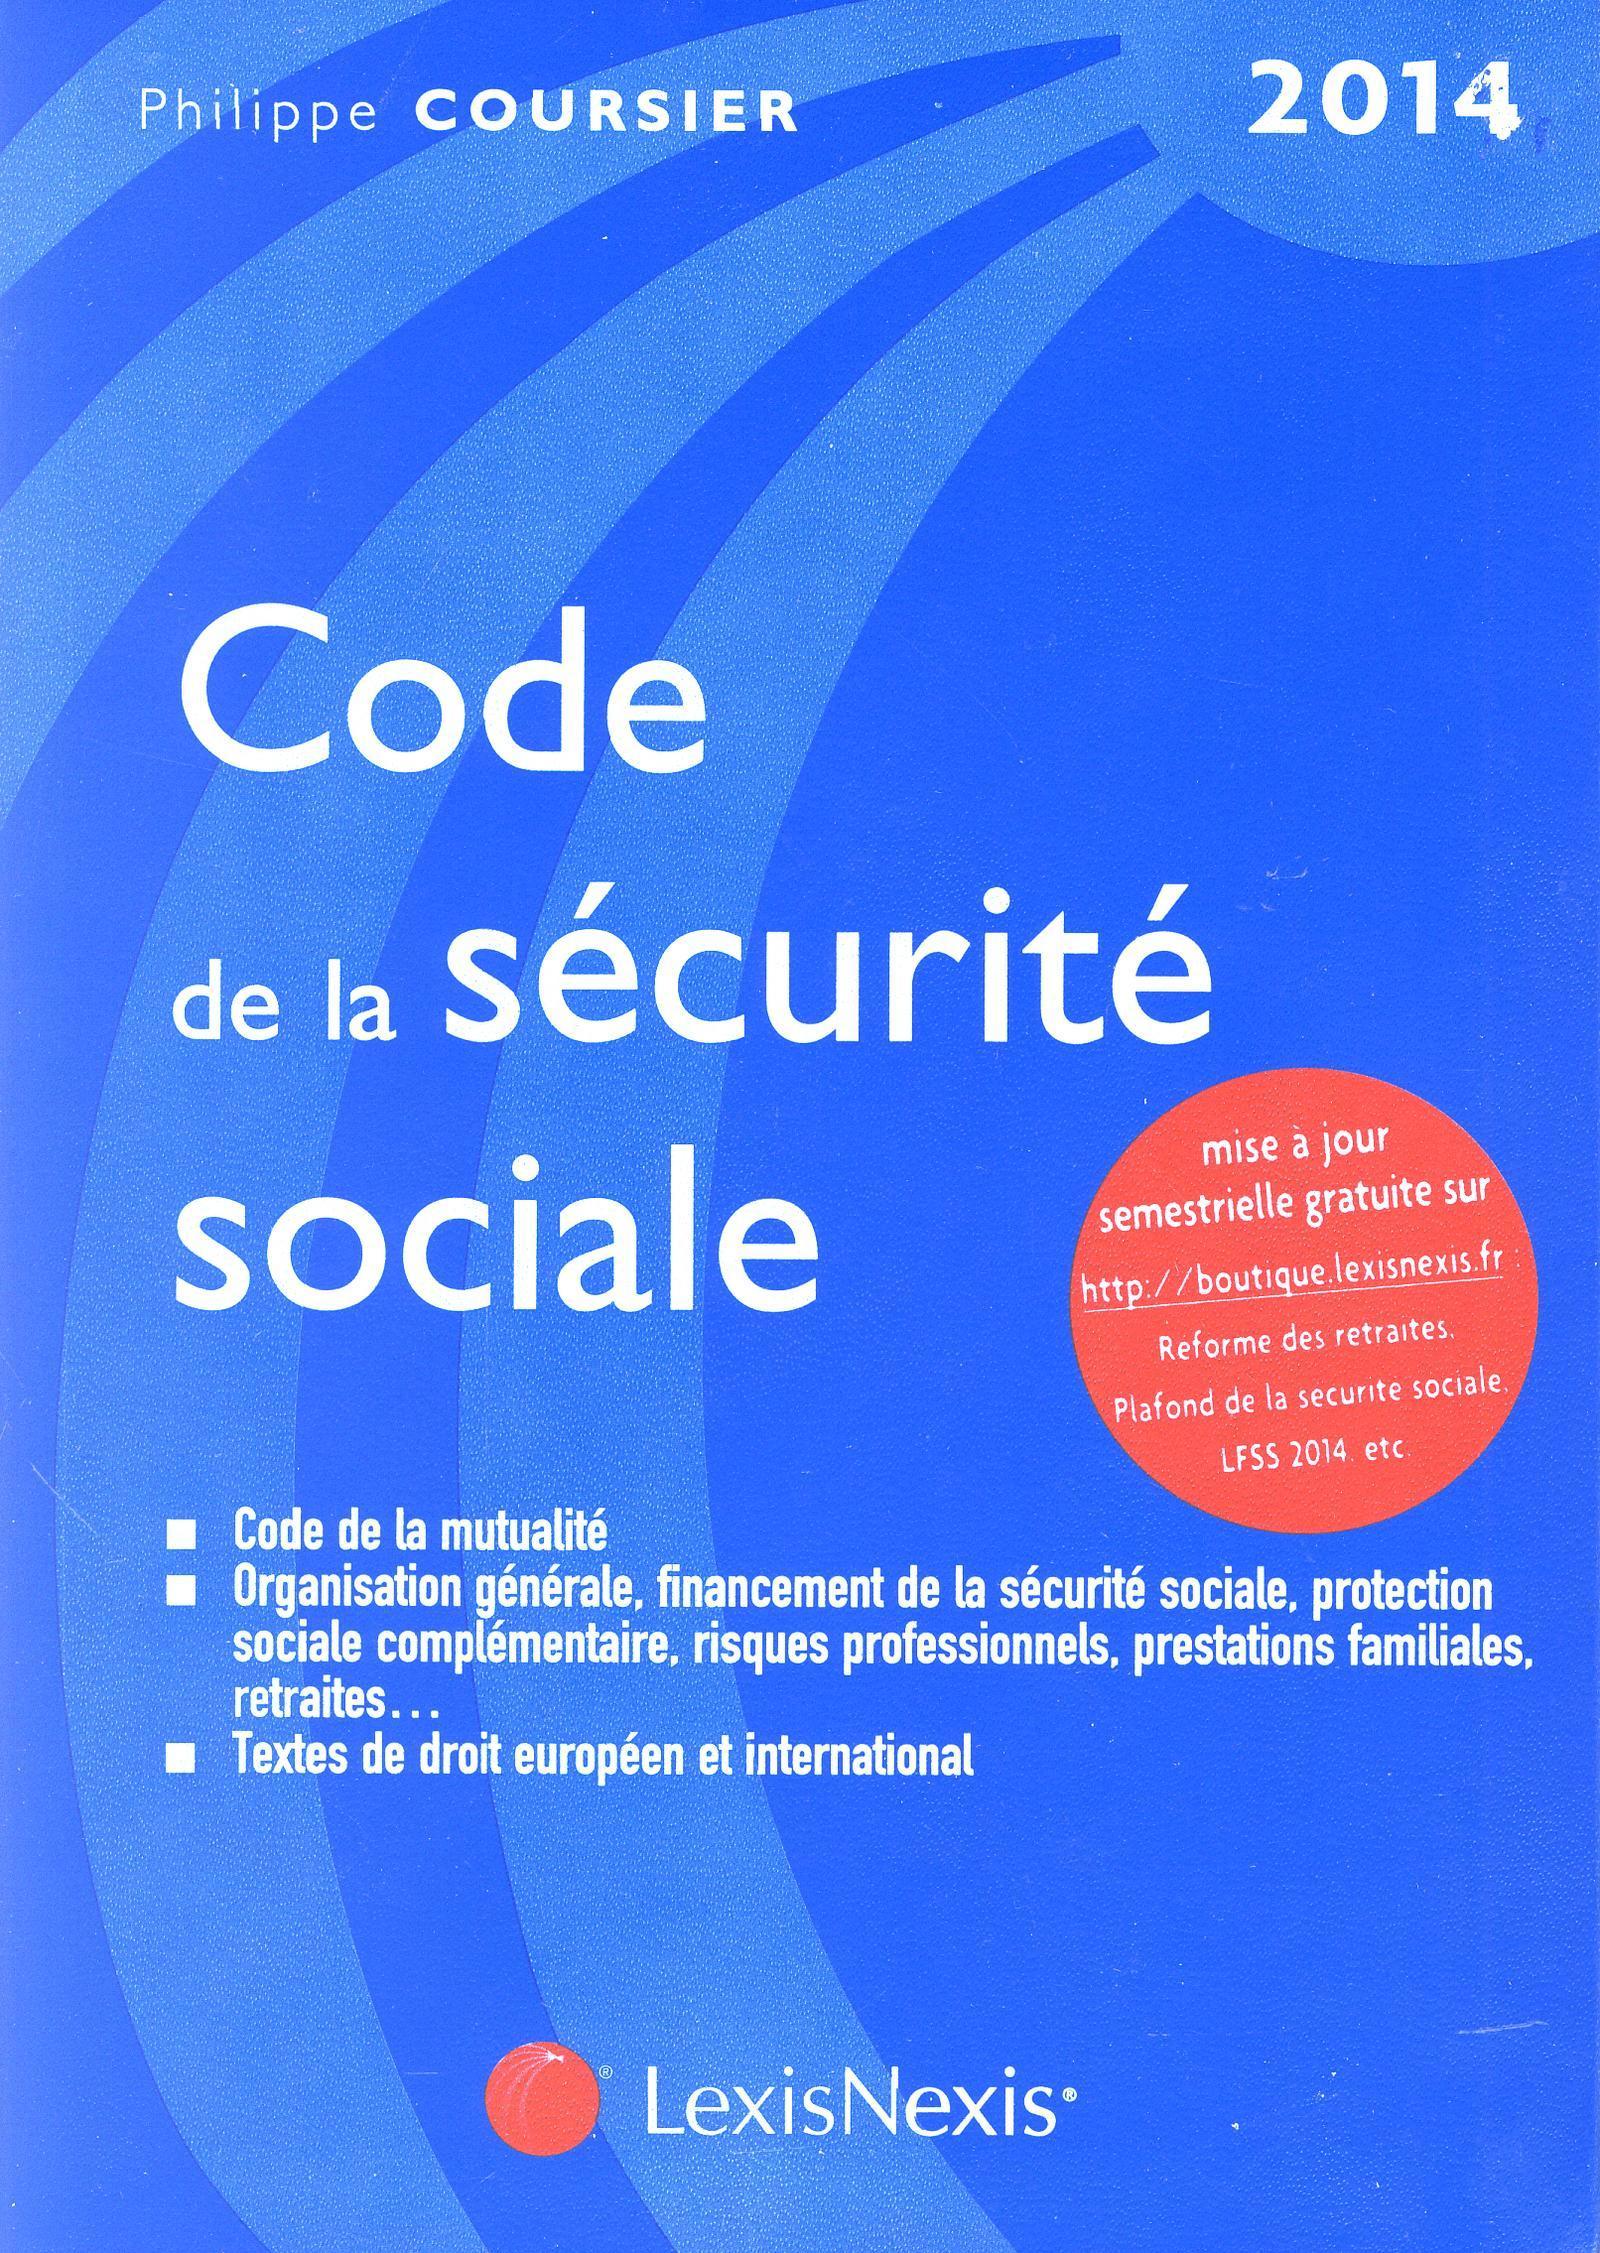 CODE DE LA SECURITE SOCIALE 2014